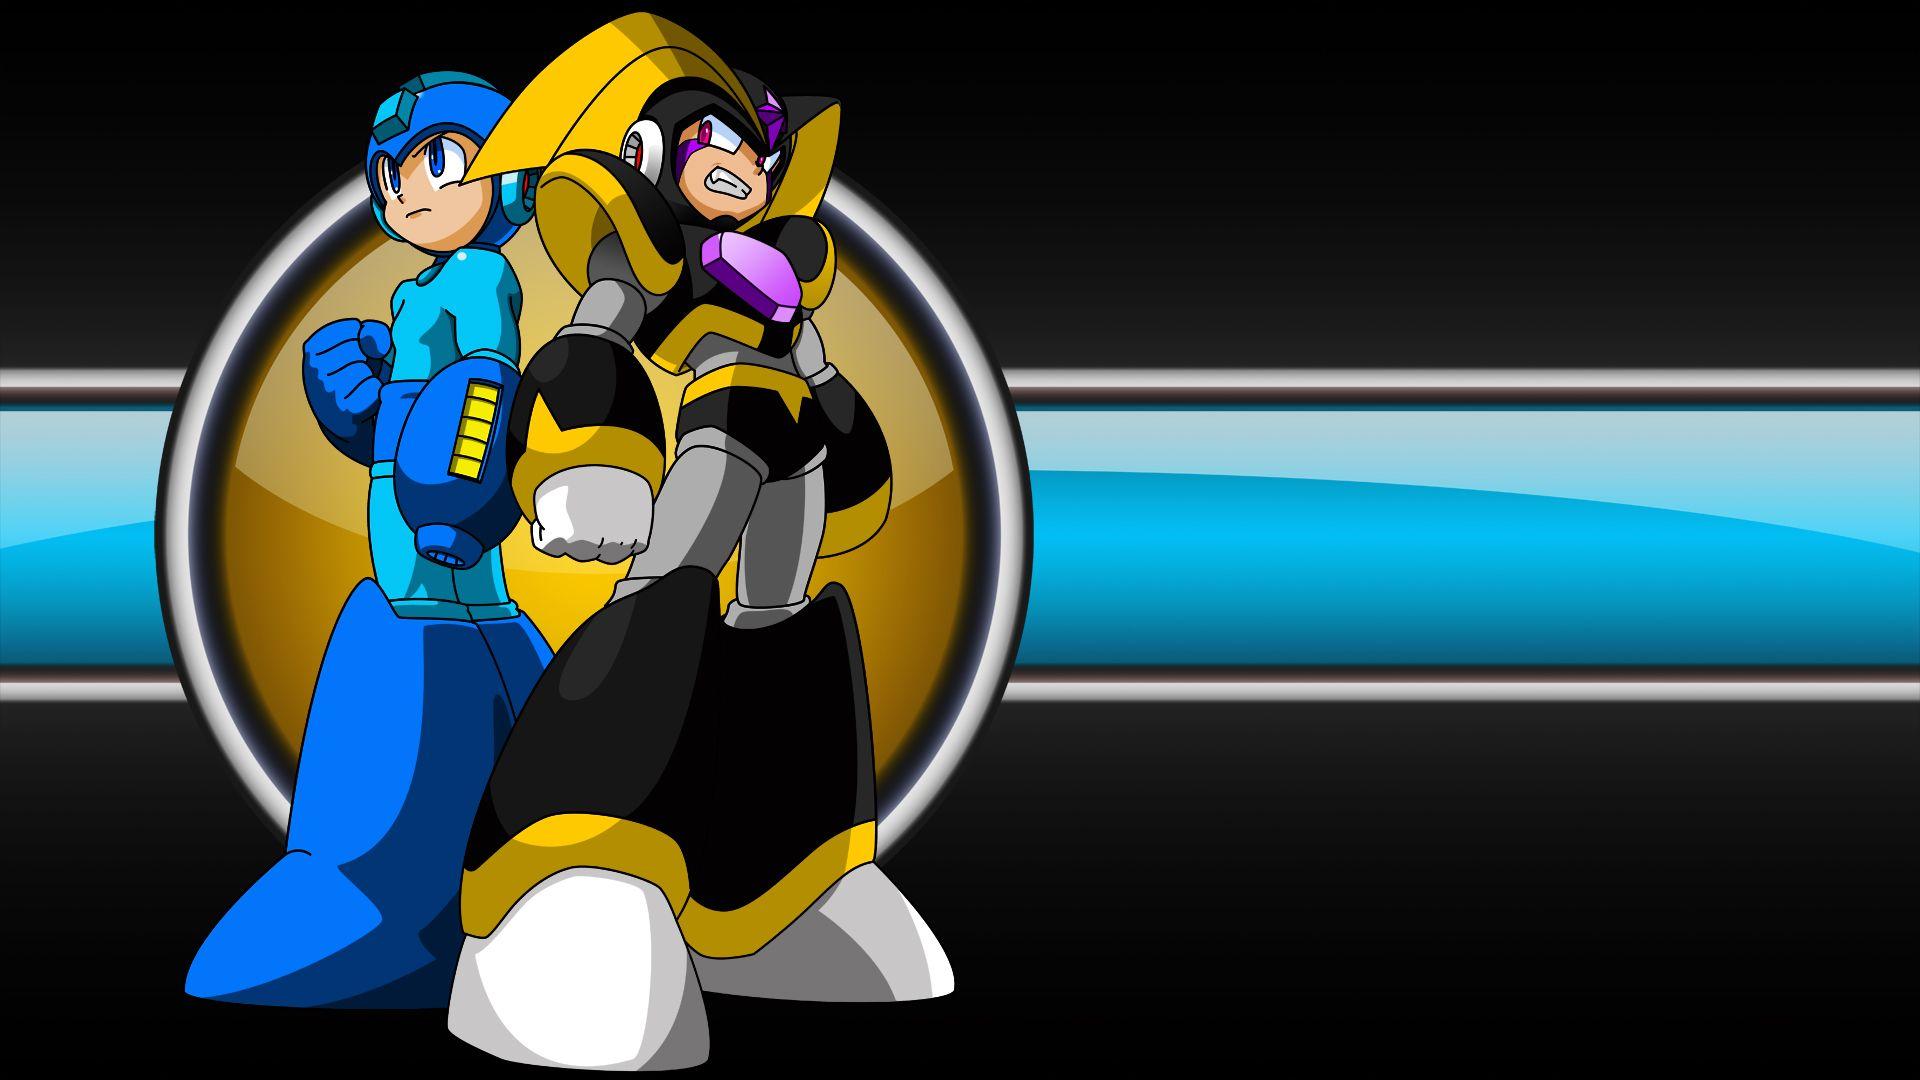 Wallpapers Megaman Mega Man Bass 1920x1080